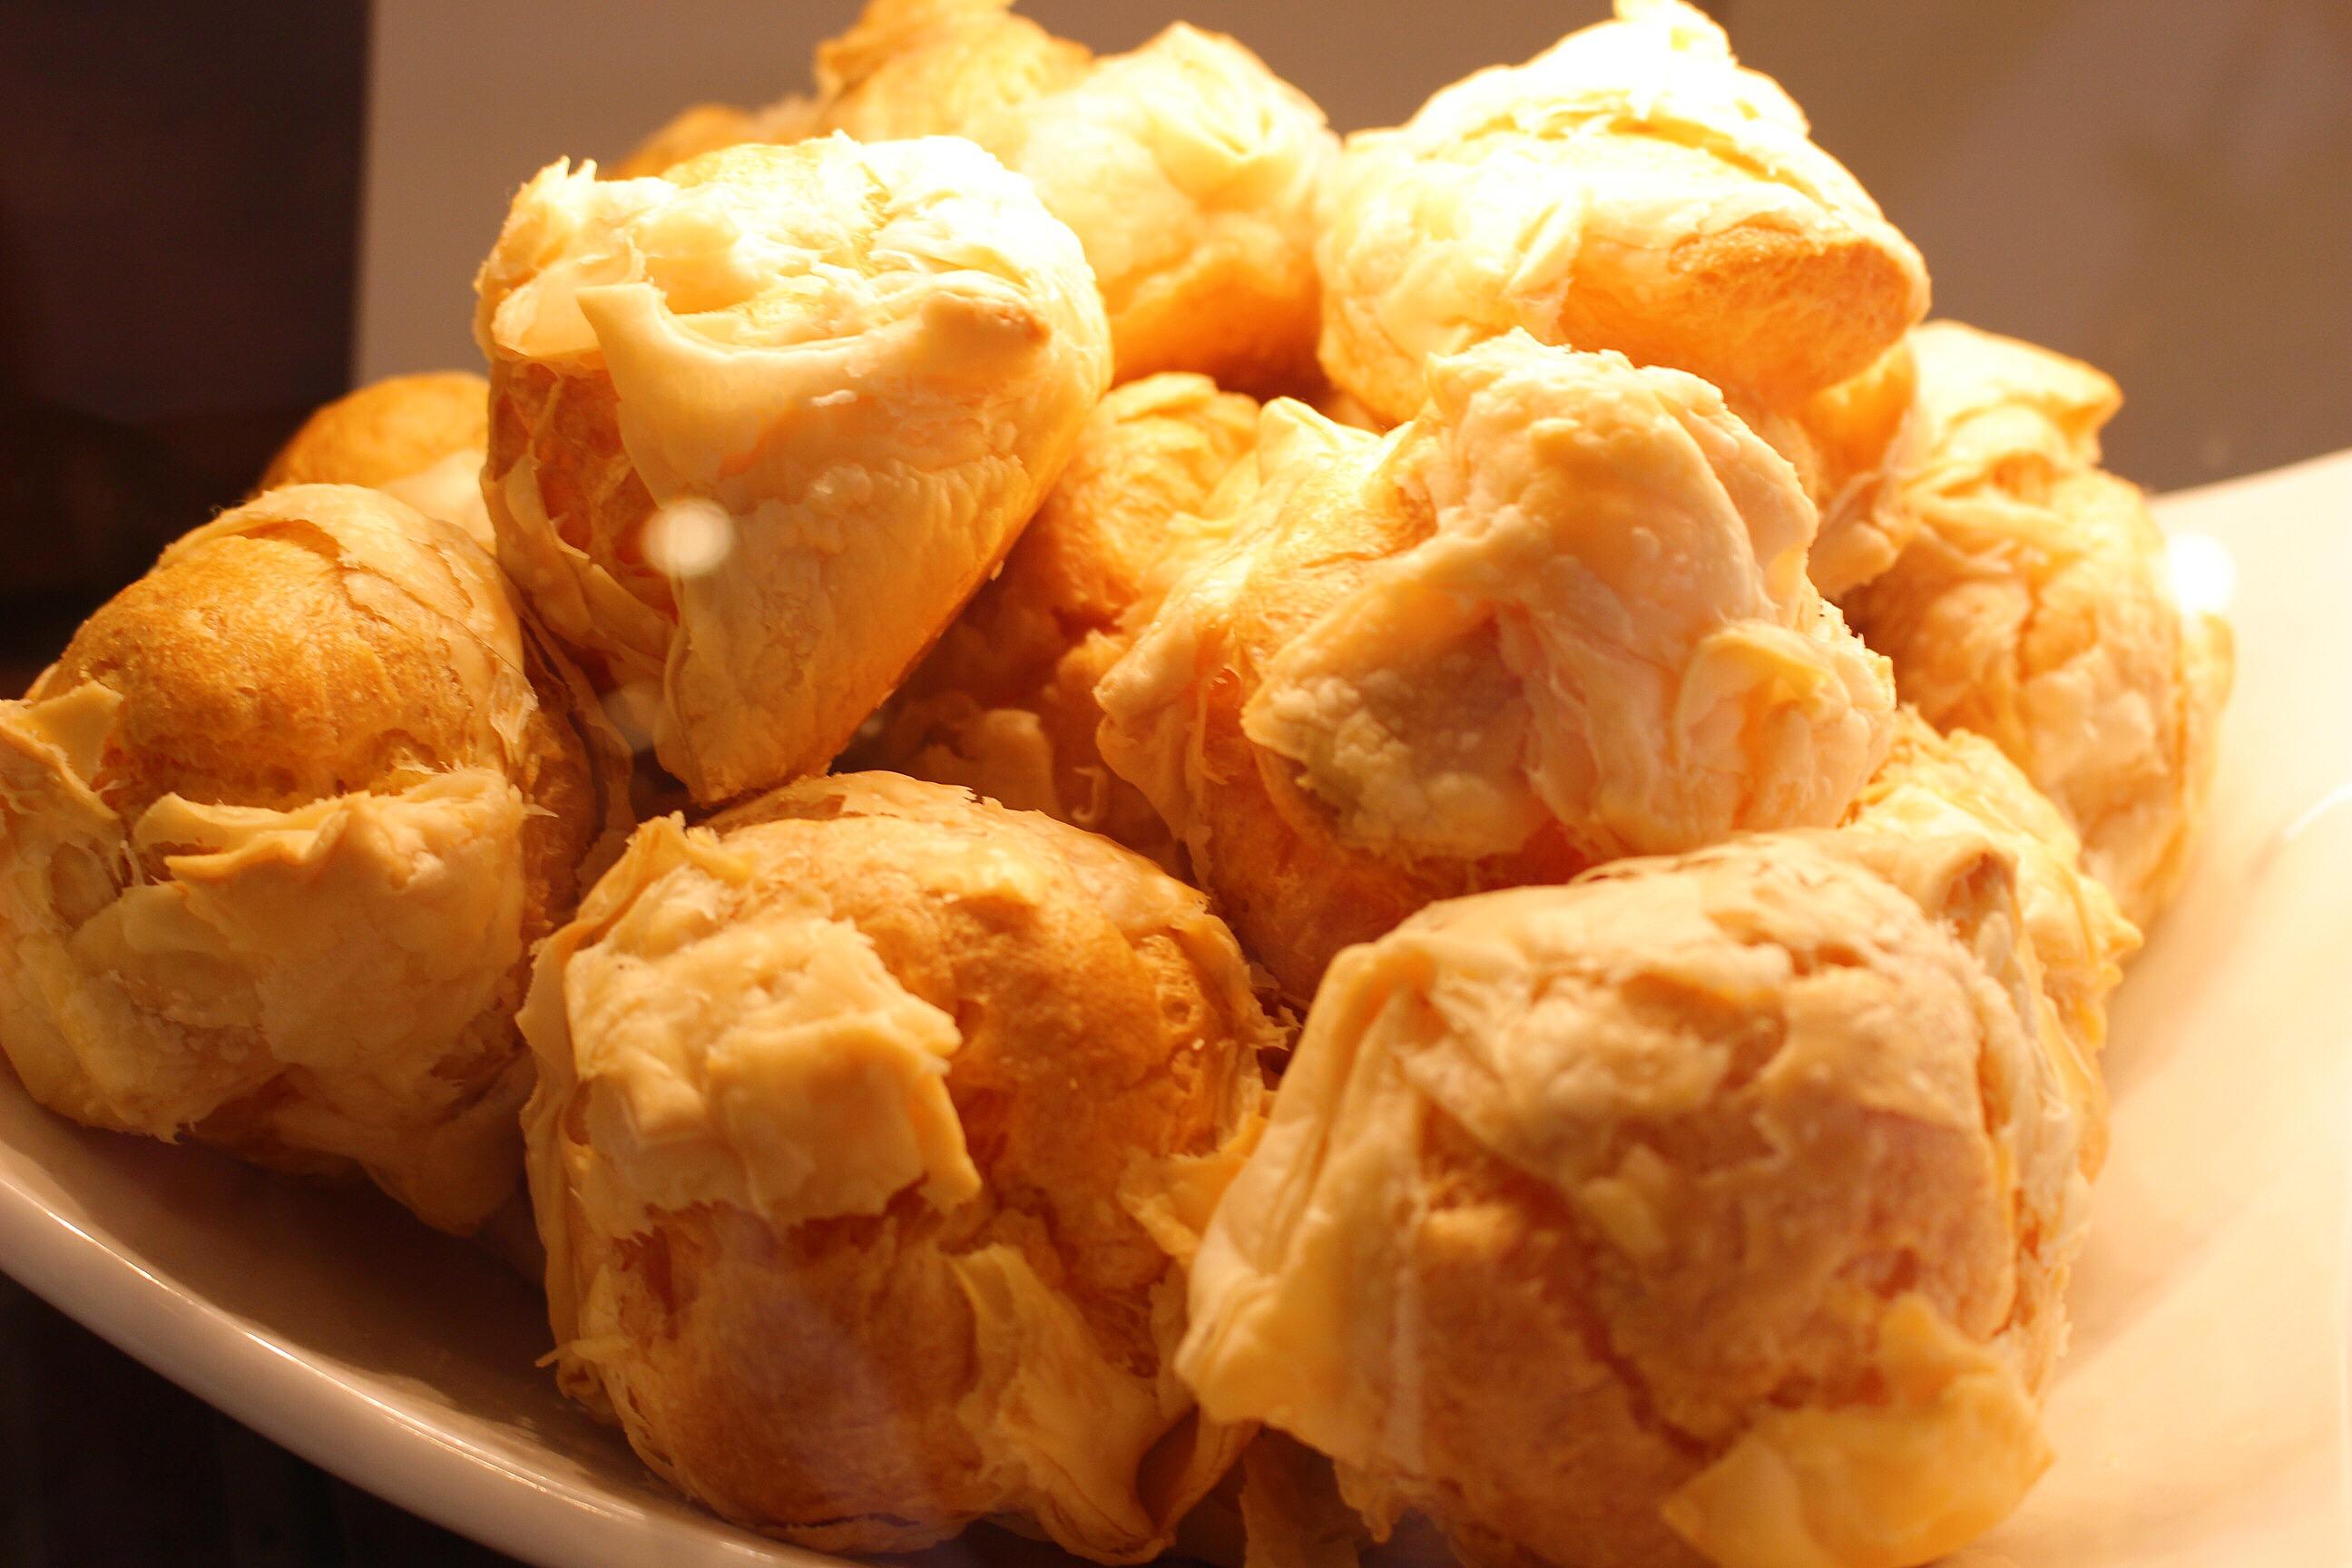 【乳菓子屋】熊本、水前寺!パリッと新食感なシュークリームがウマい